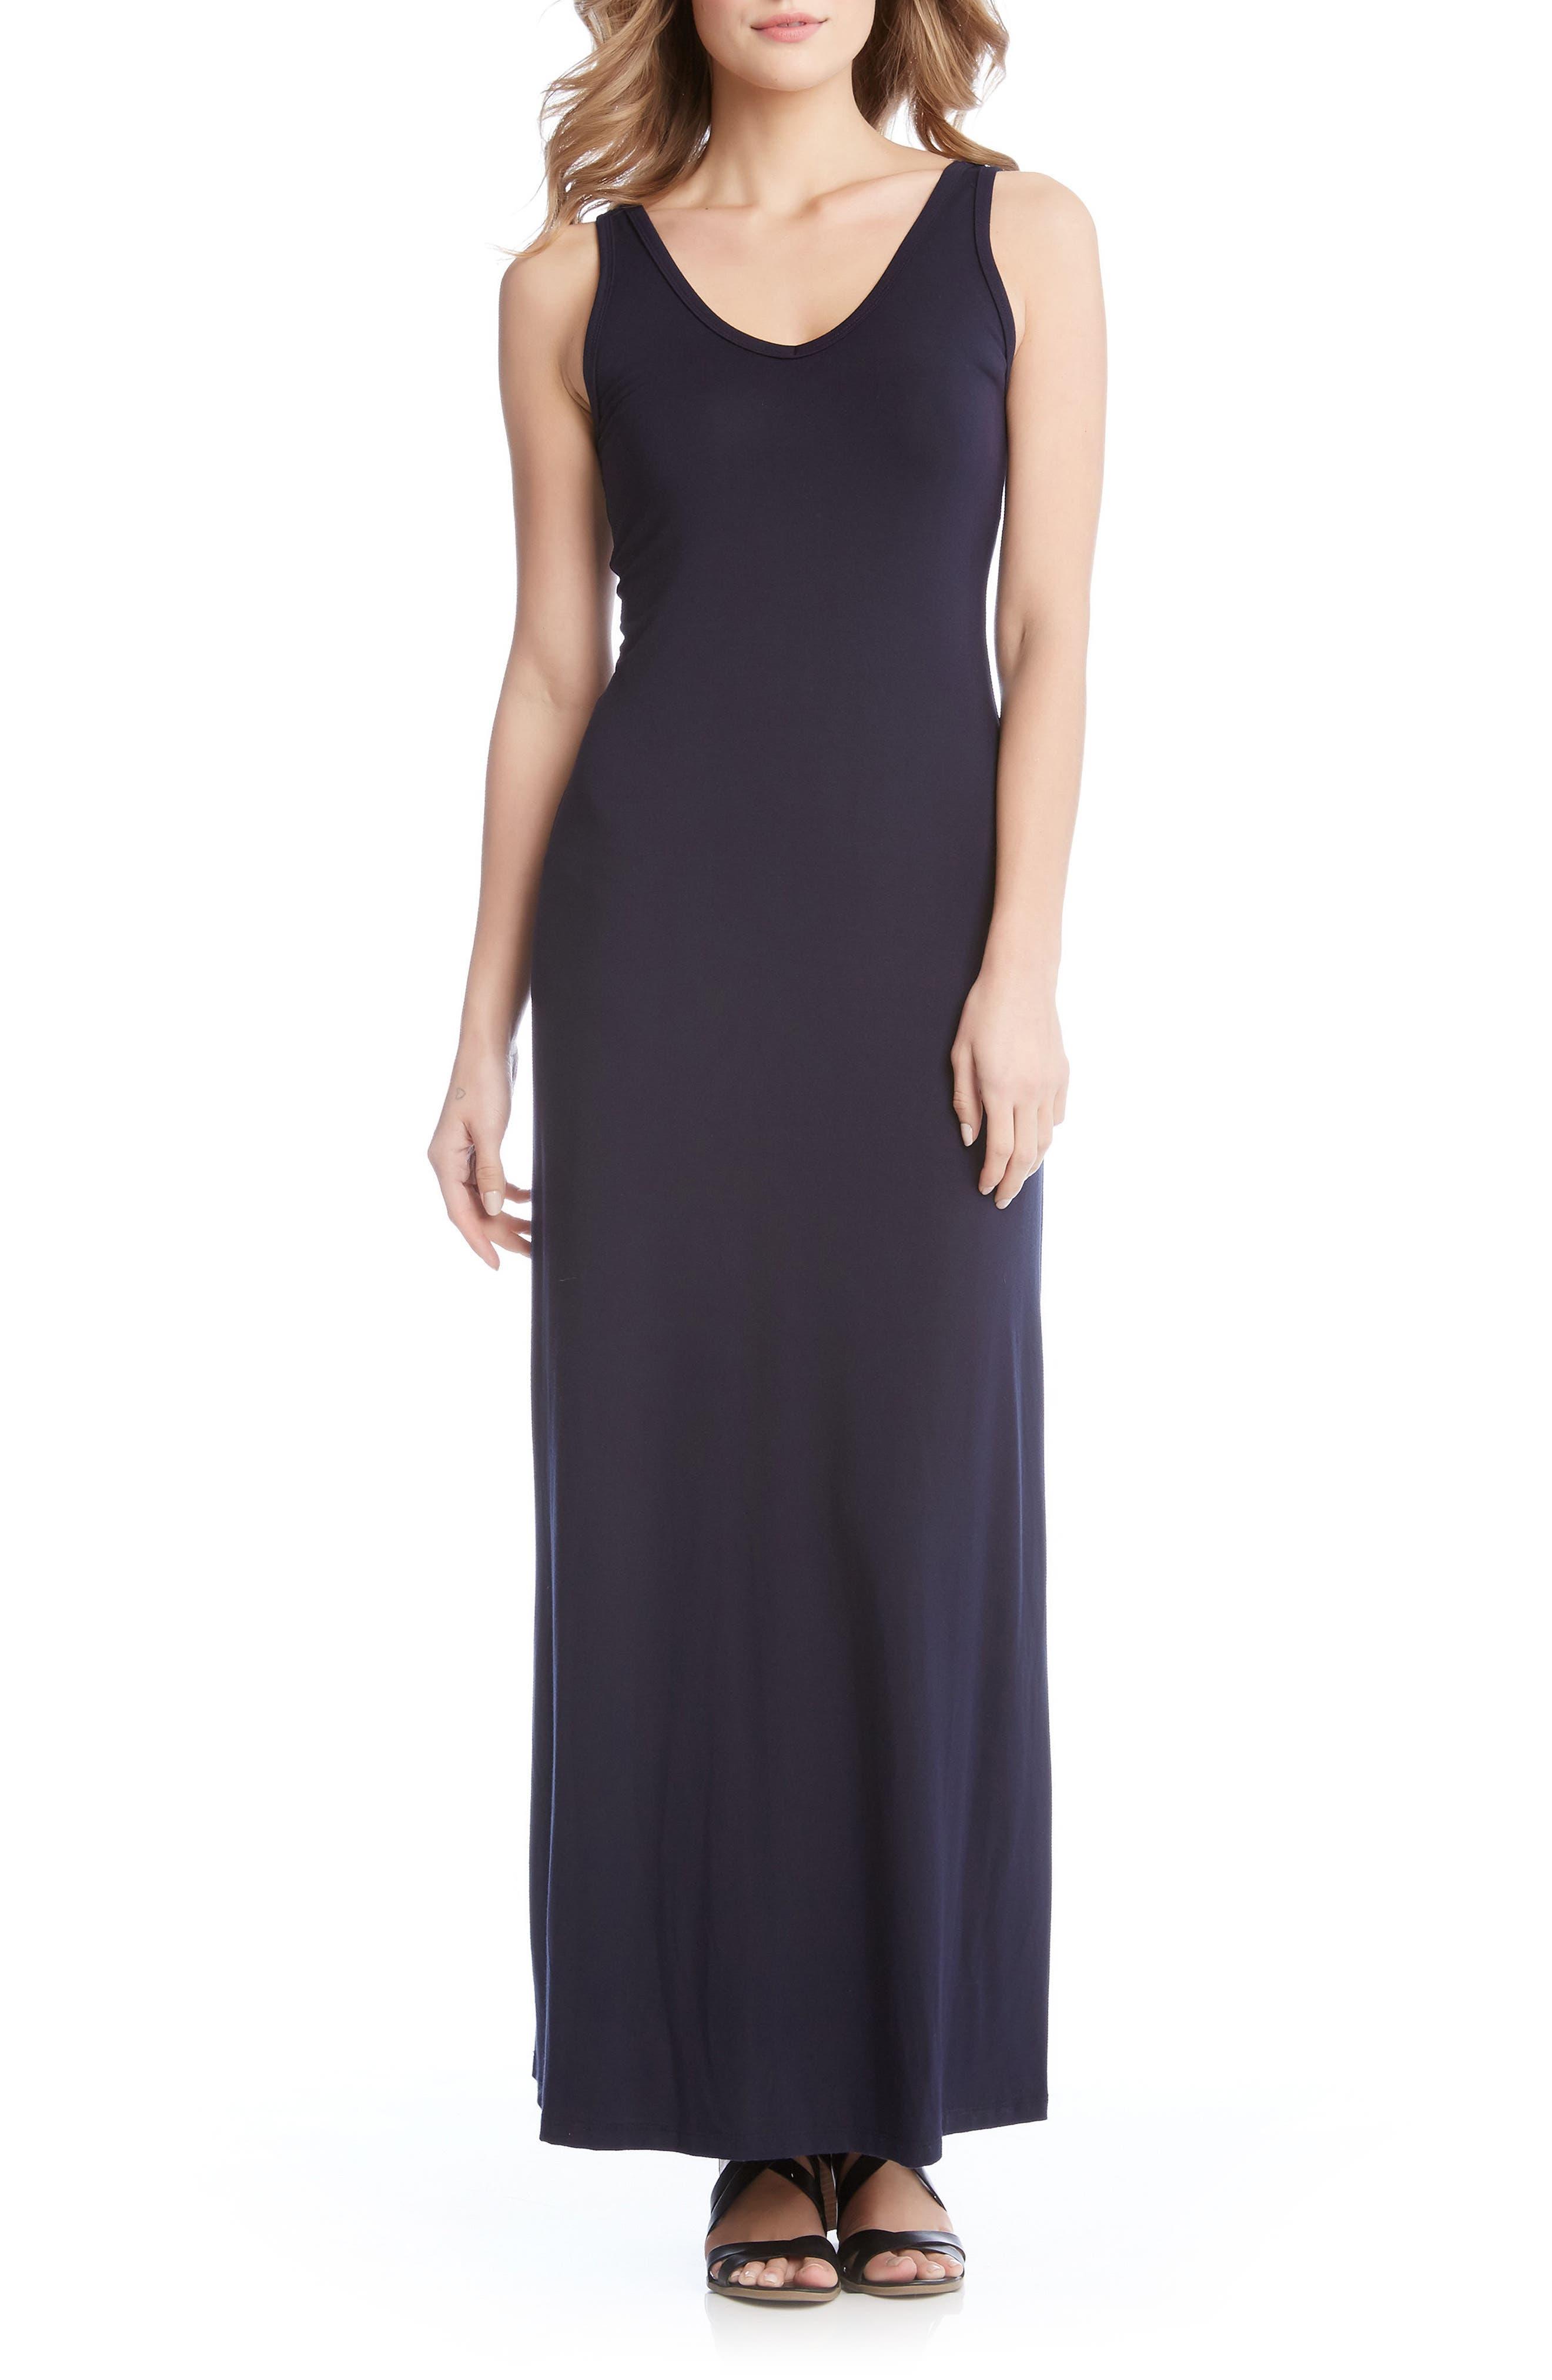 Alternate Image 1 Selected - Karen Kane Alana Jersey Maxi Dress